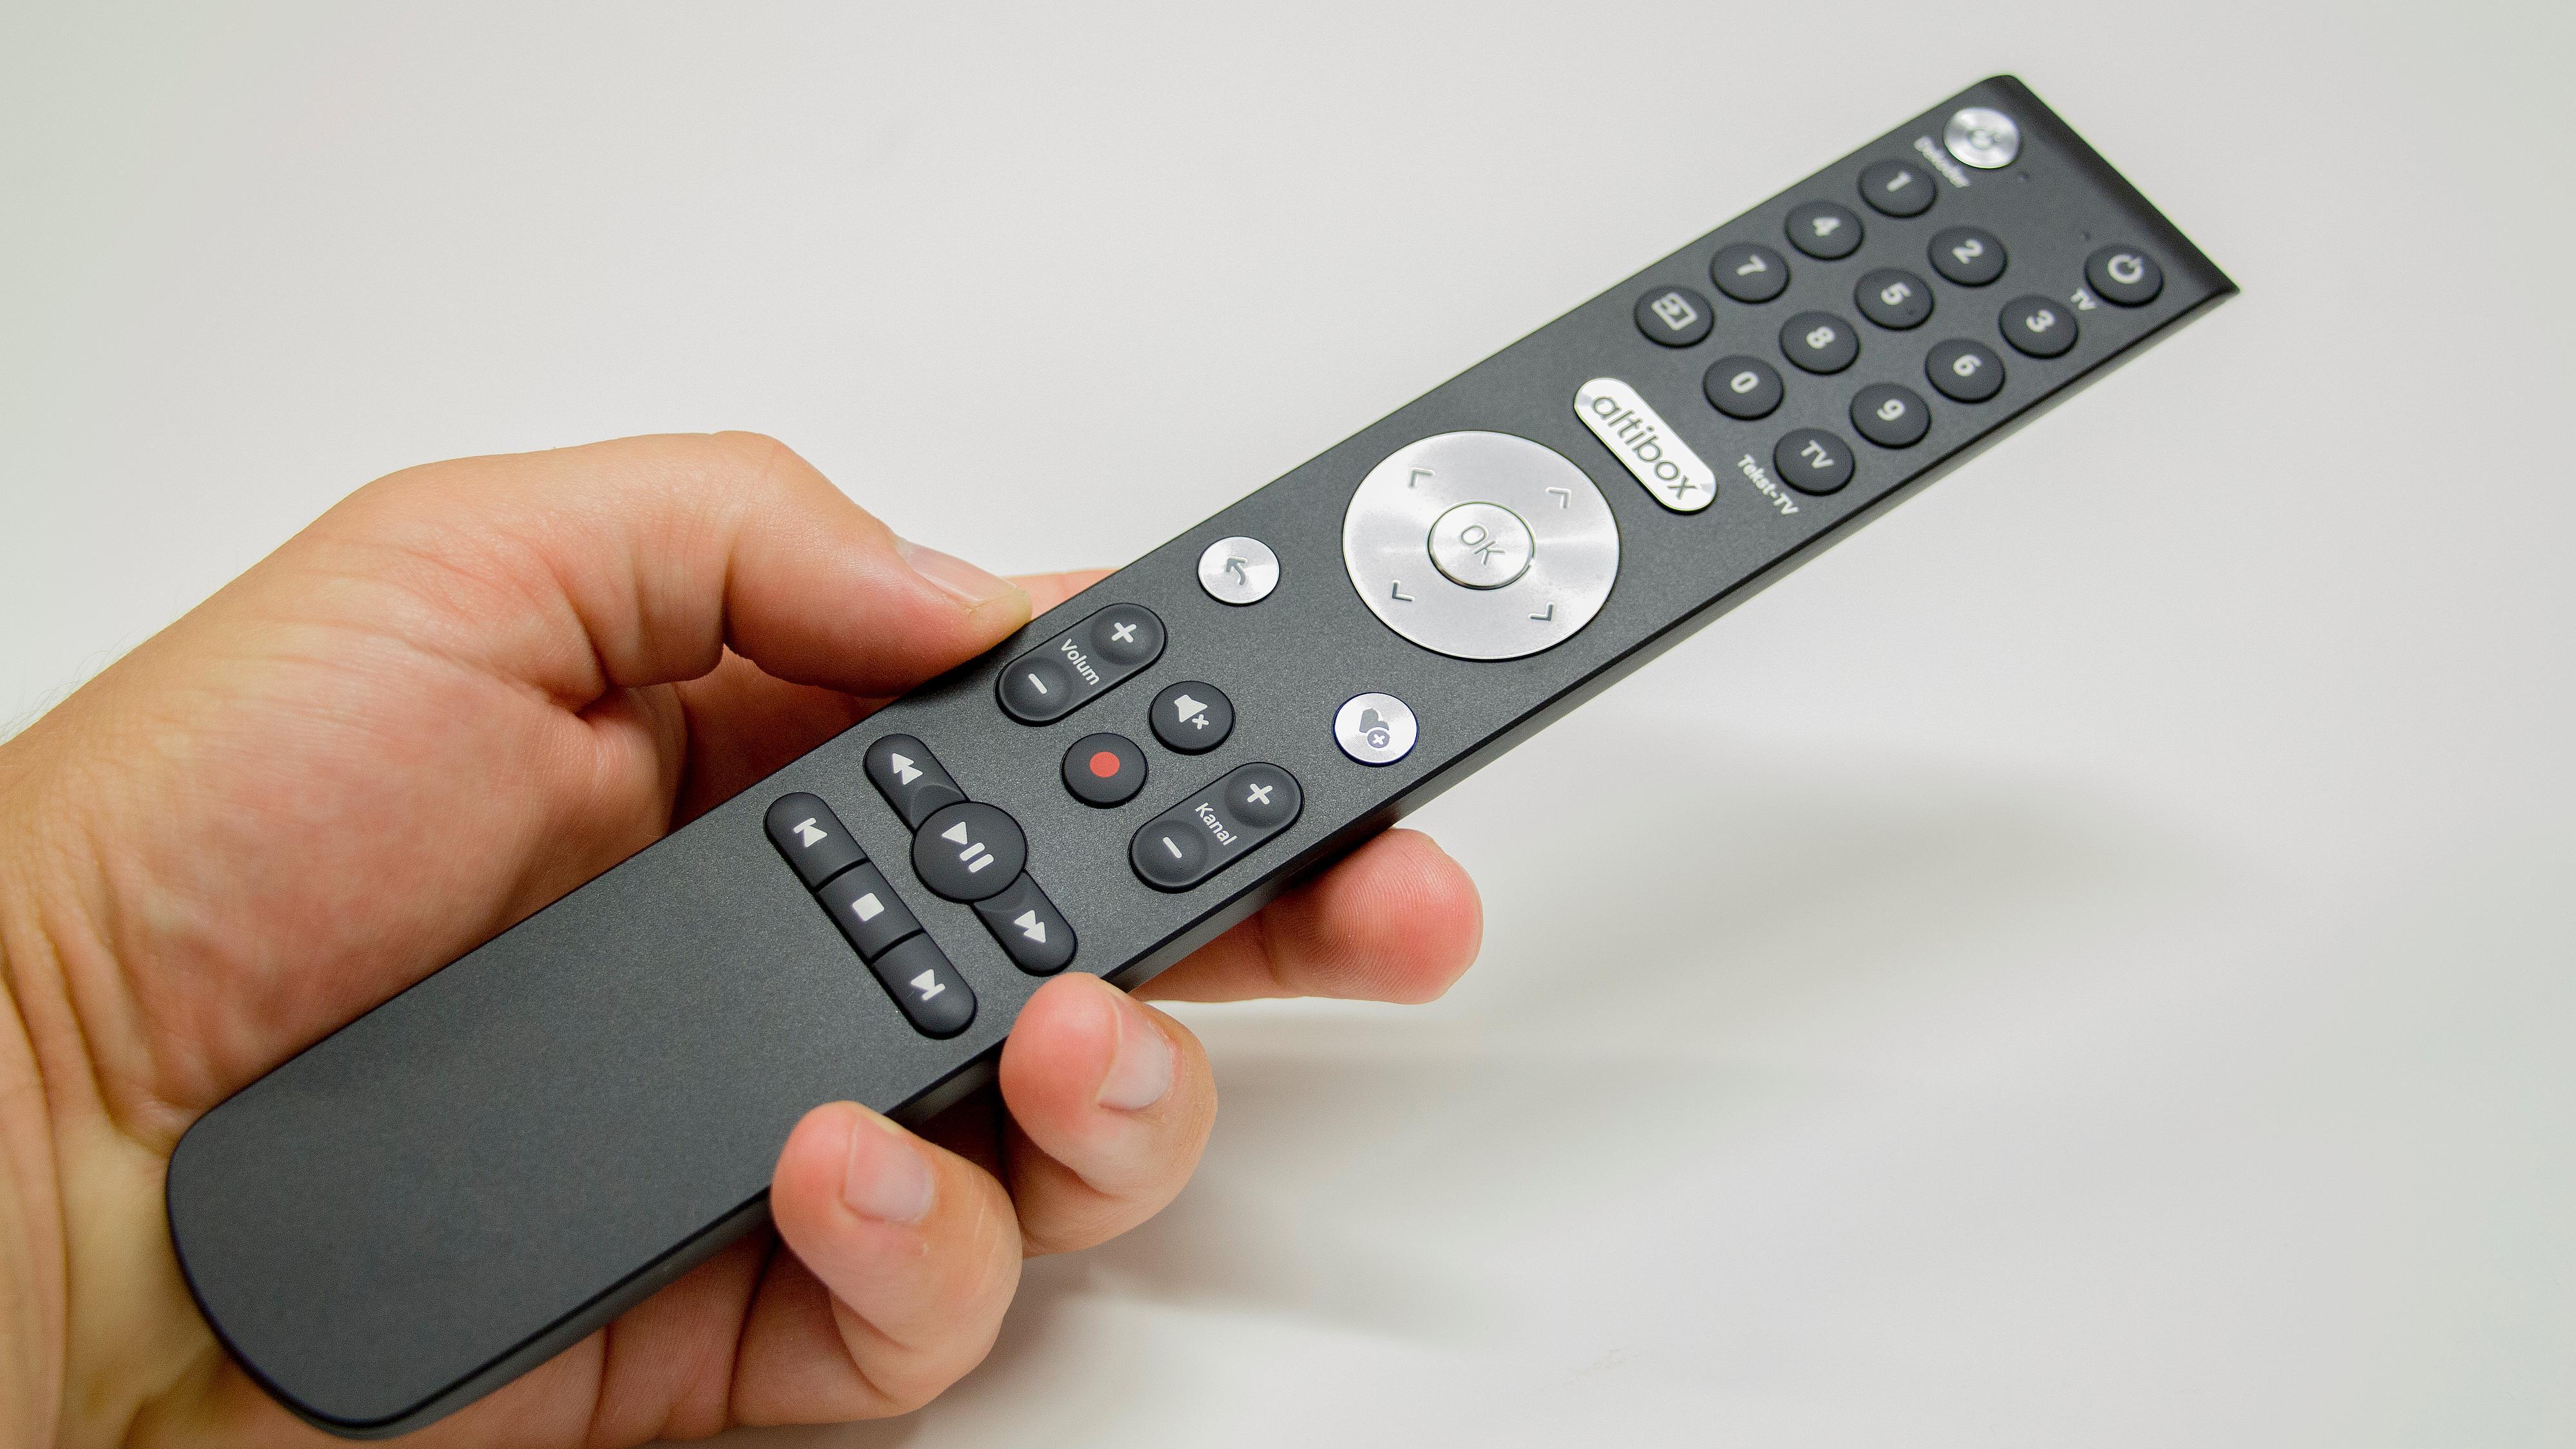 TV 2 saksøker Altibox om knapp på fjernkontrollen